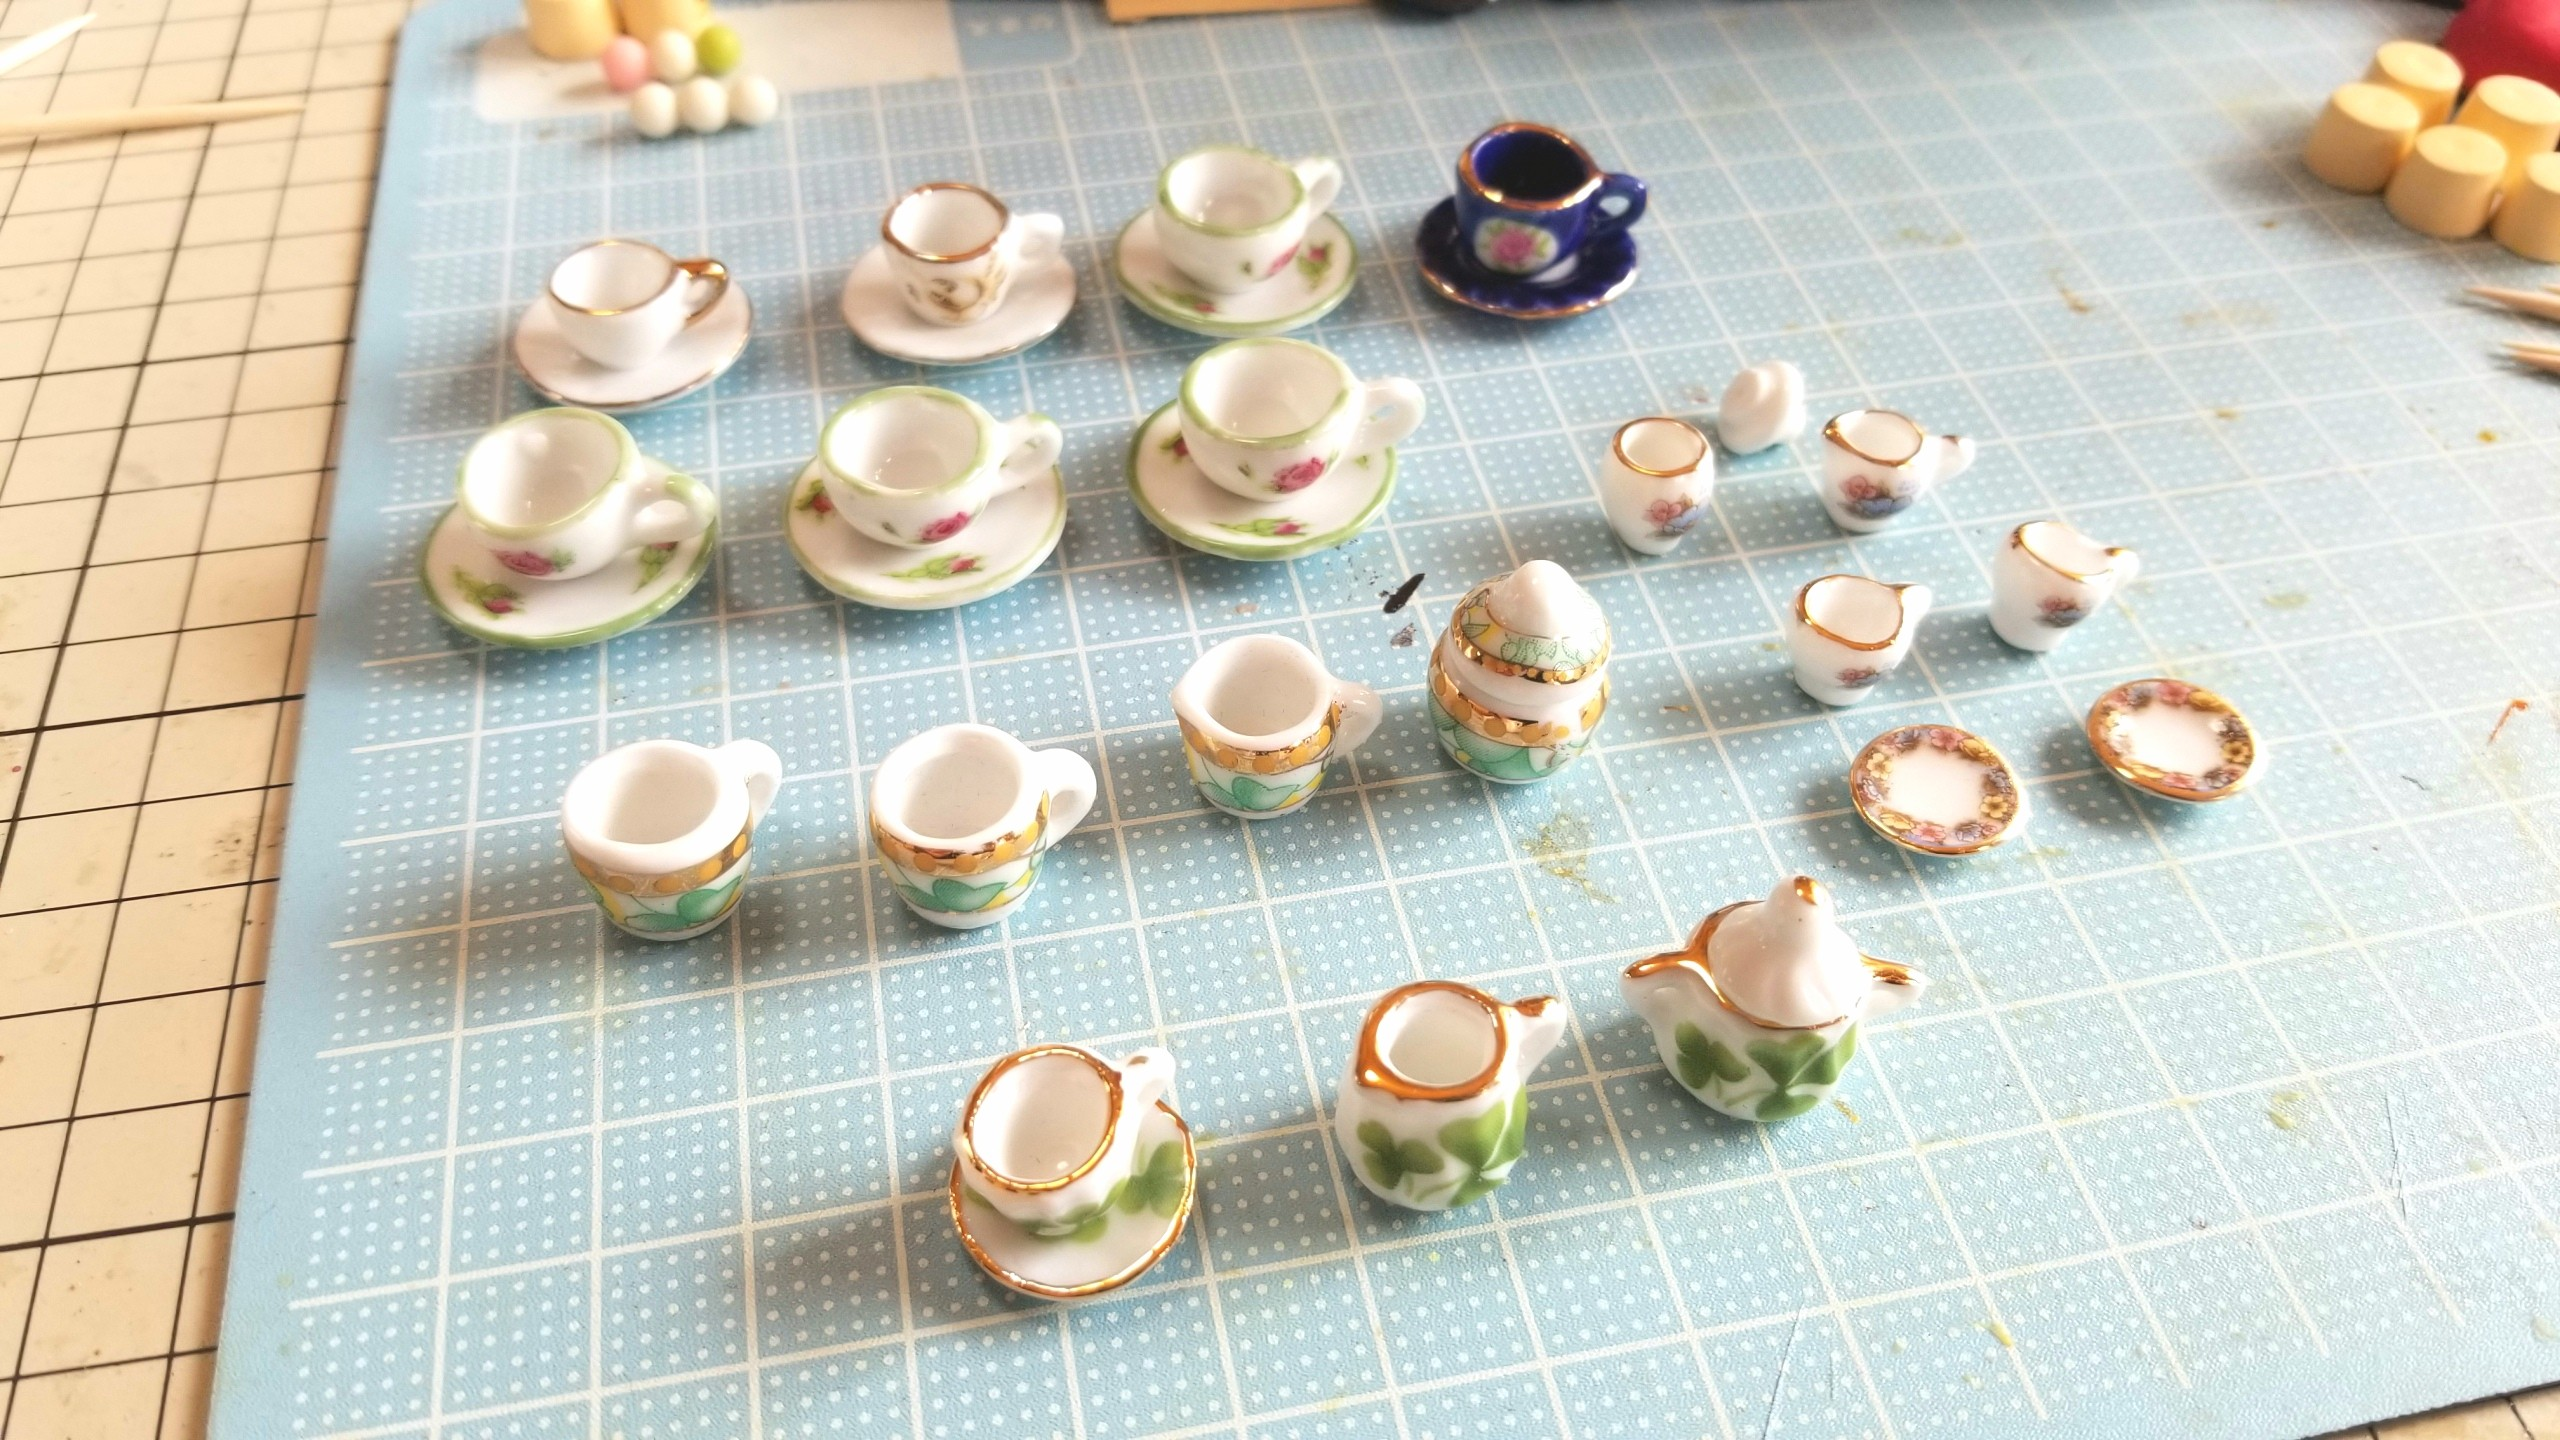 かわいいお洒落な,おすすめ,陶器のティーカップセット,よもぎブログ